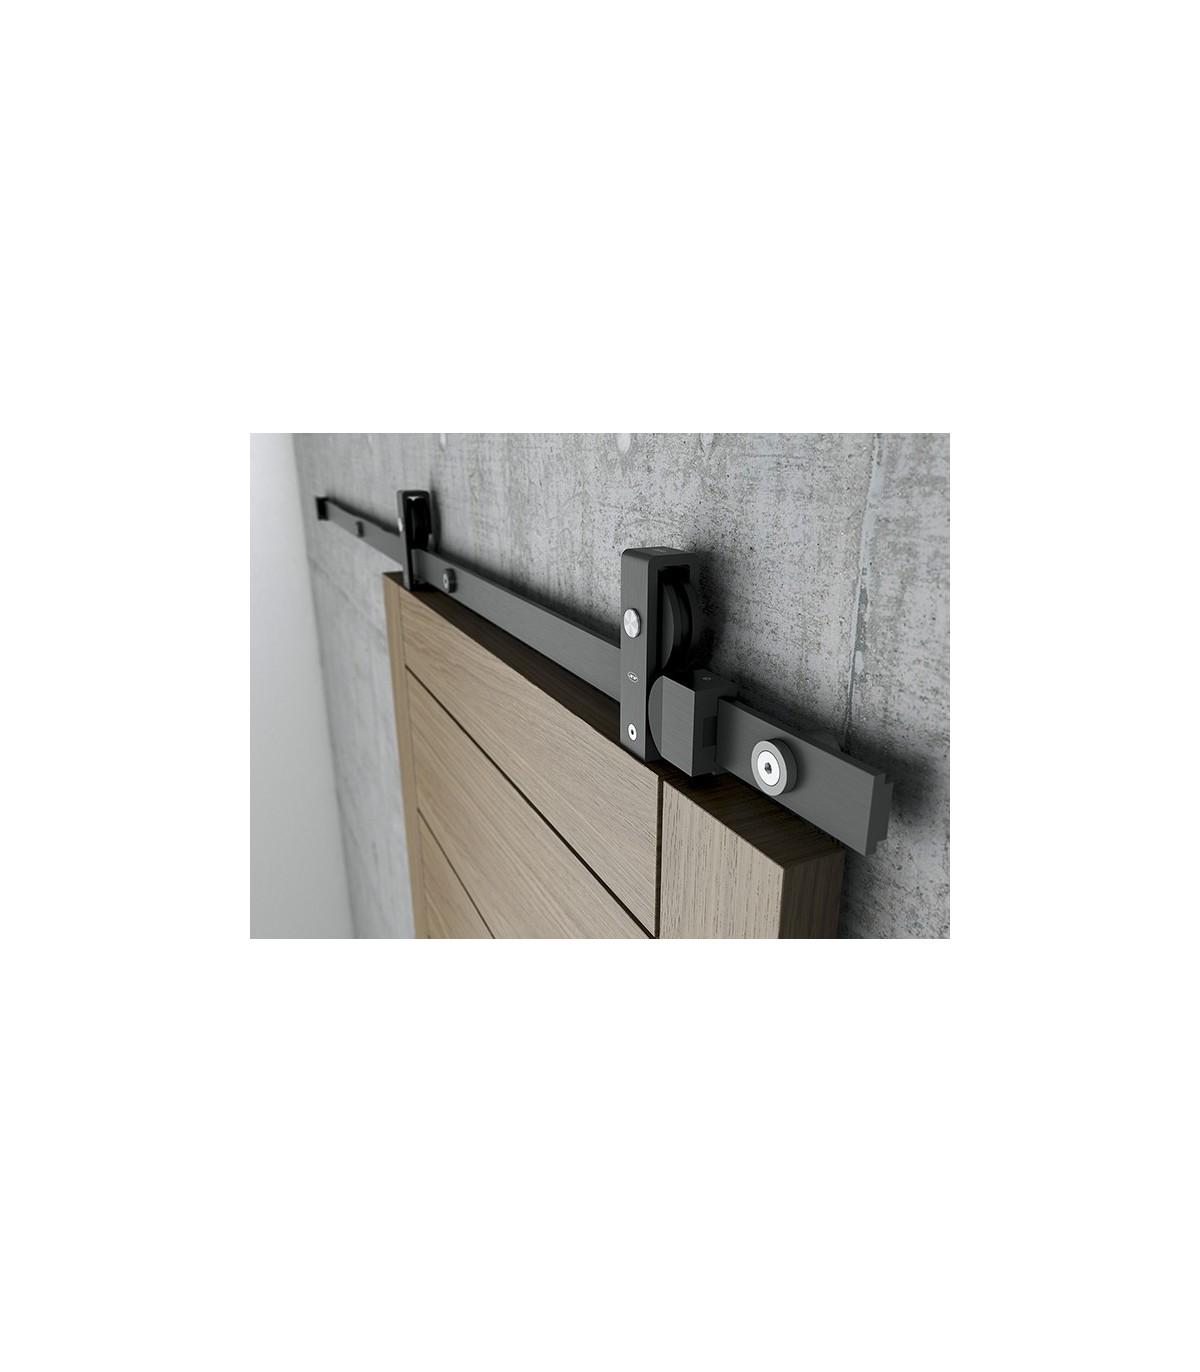 Barre Pour Porte Coulissante retrouvez le charme d'antan des vieilles portes coulissantes